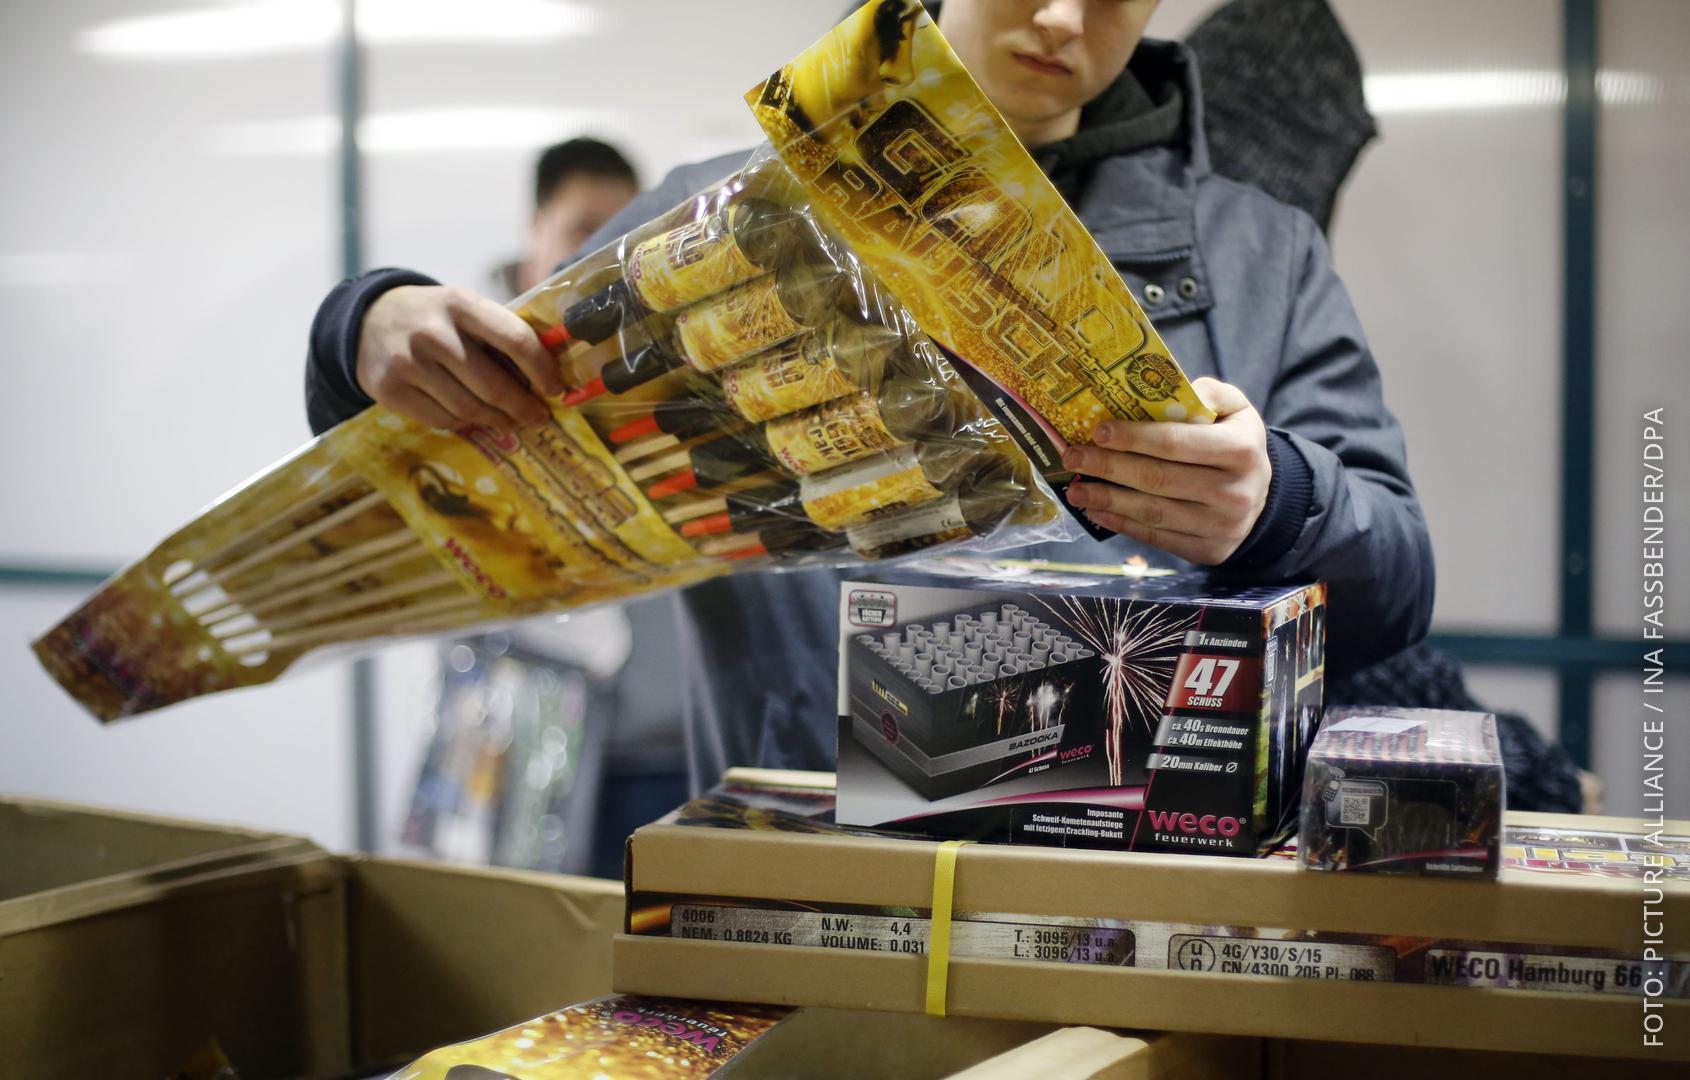 Kundin begutachtet Feuerwerksraketen beim Werksverkauf